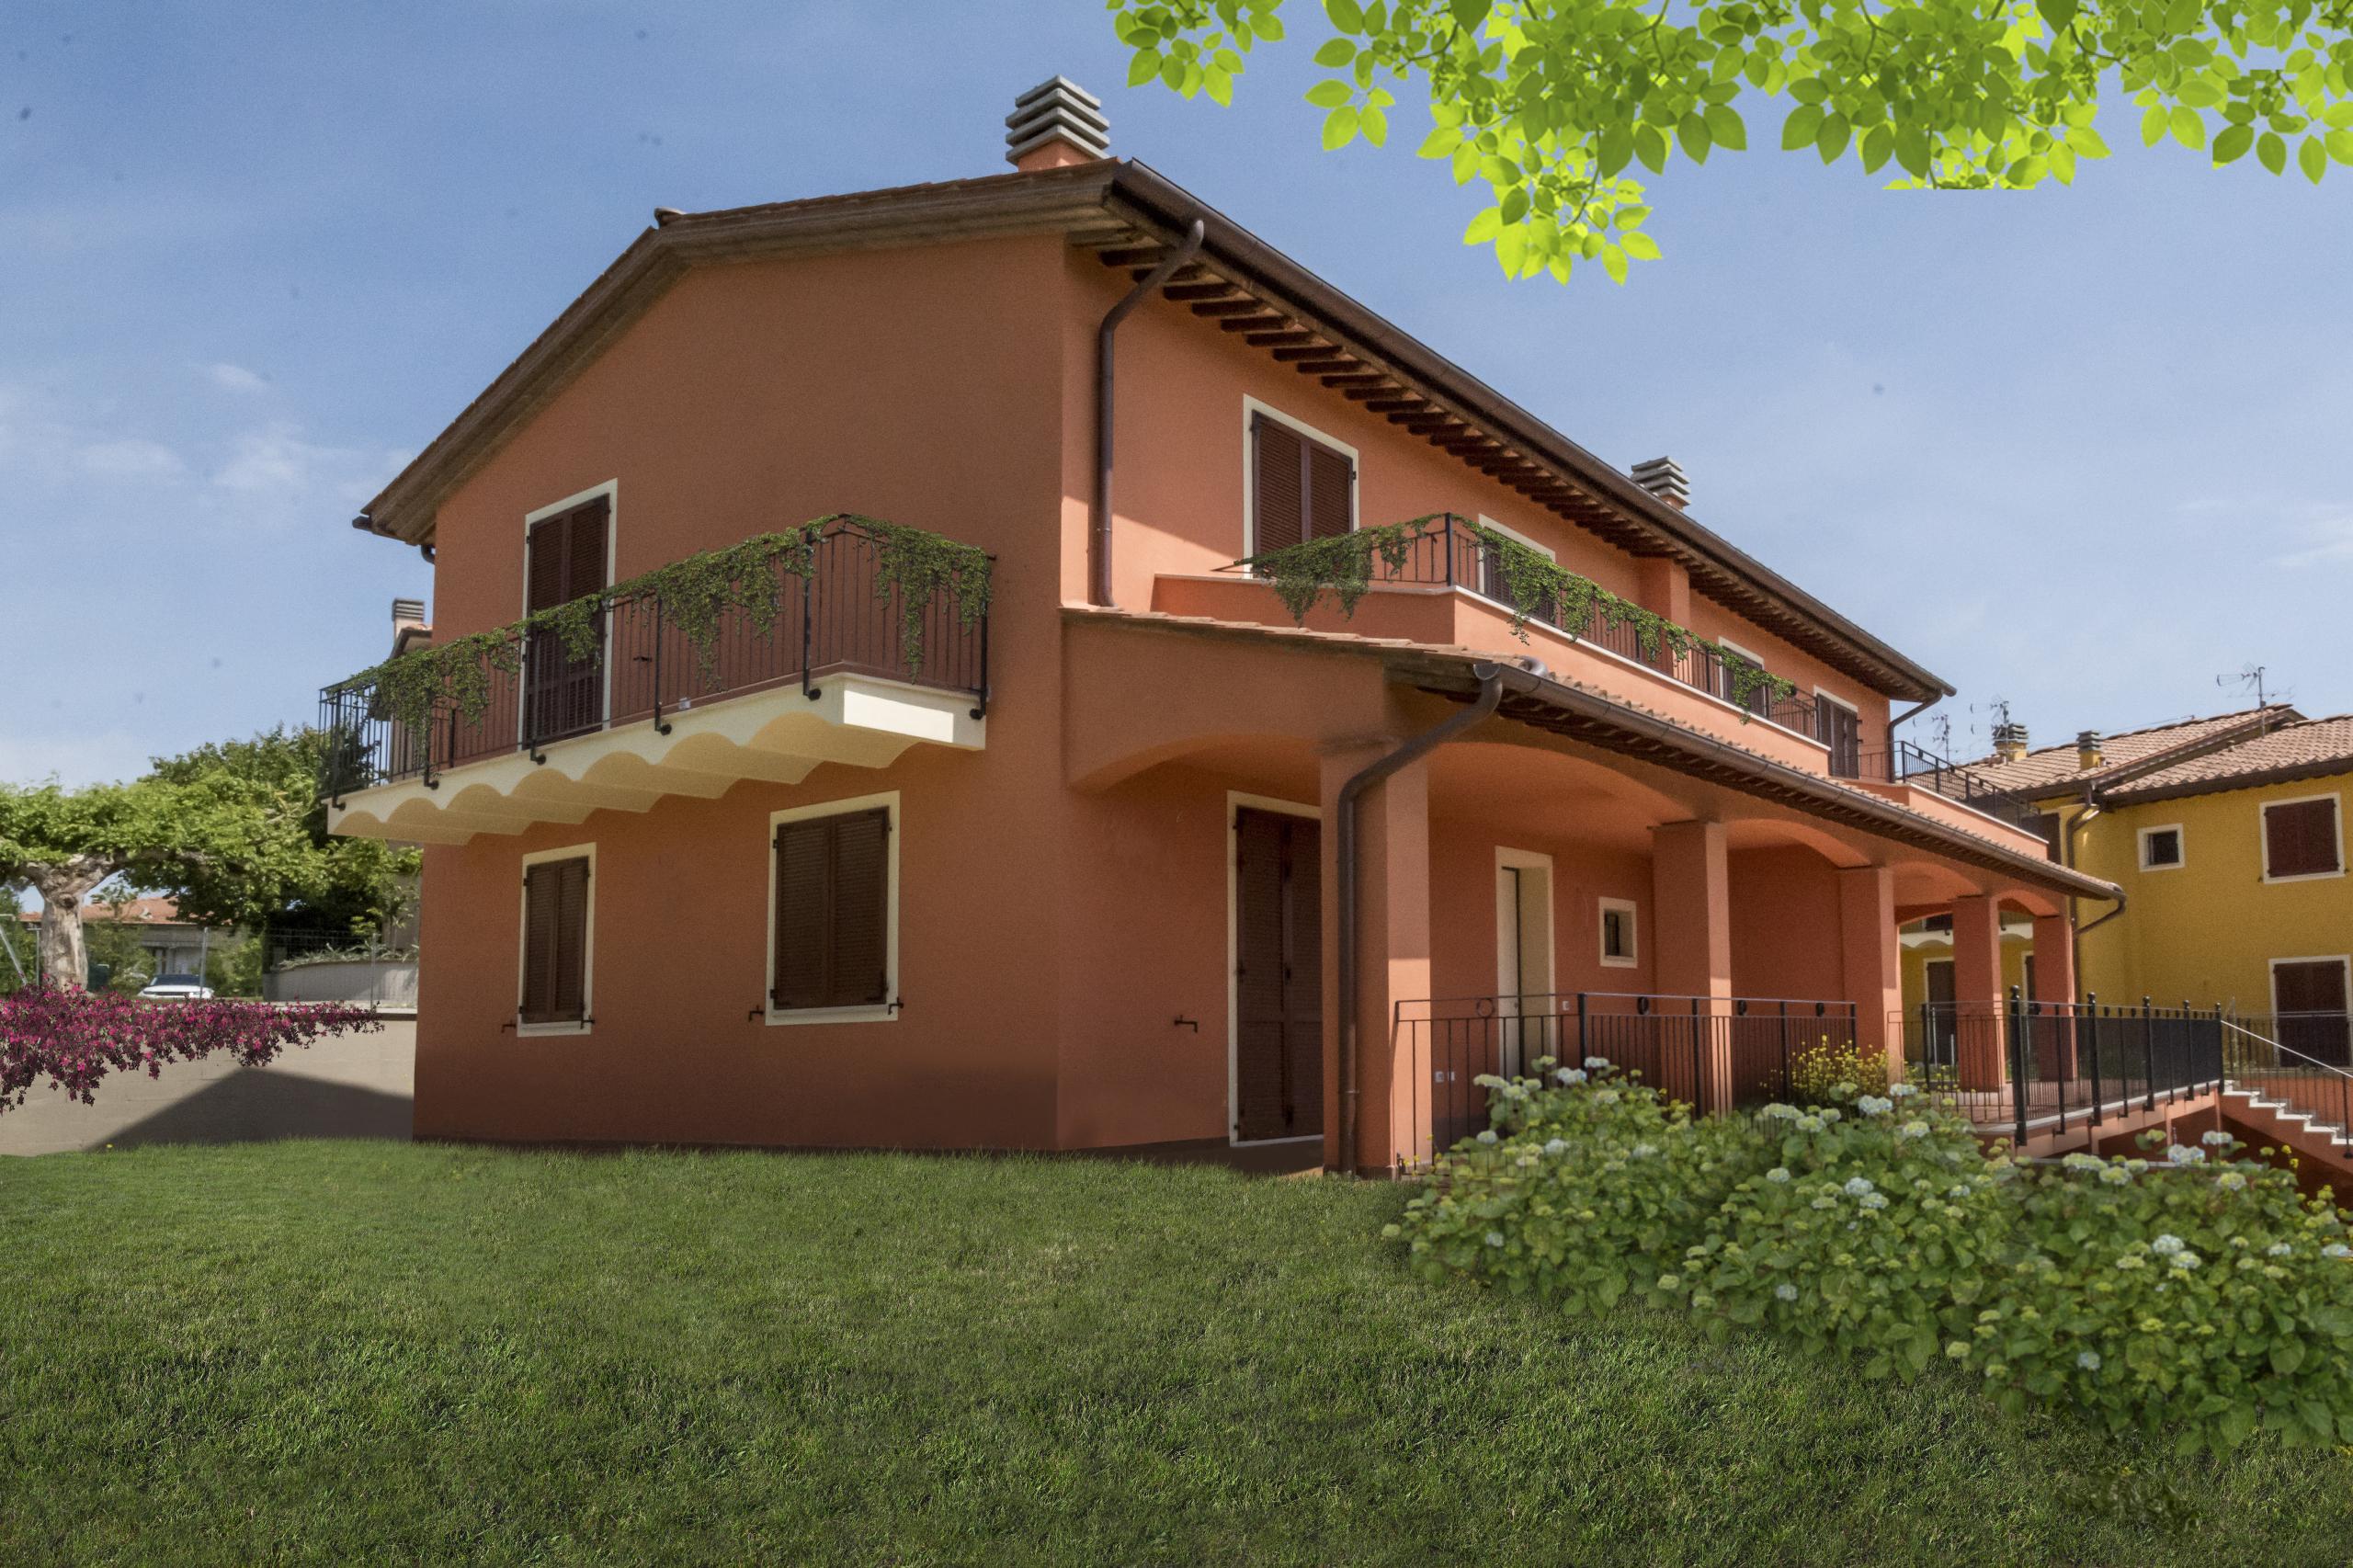 Case Toscane Agenzia Immobiliare : Toscana home service agenzia immobiliare per la promozione di case